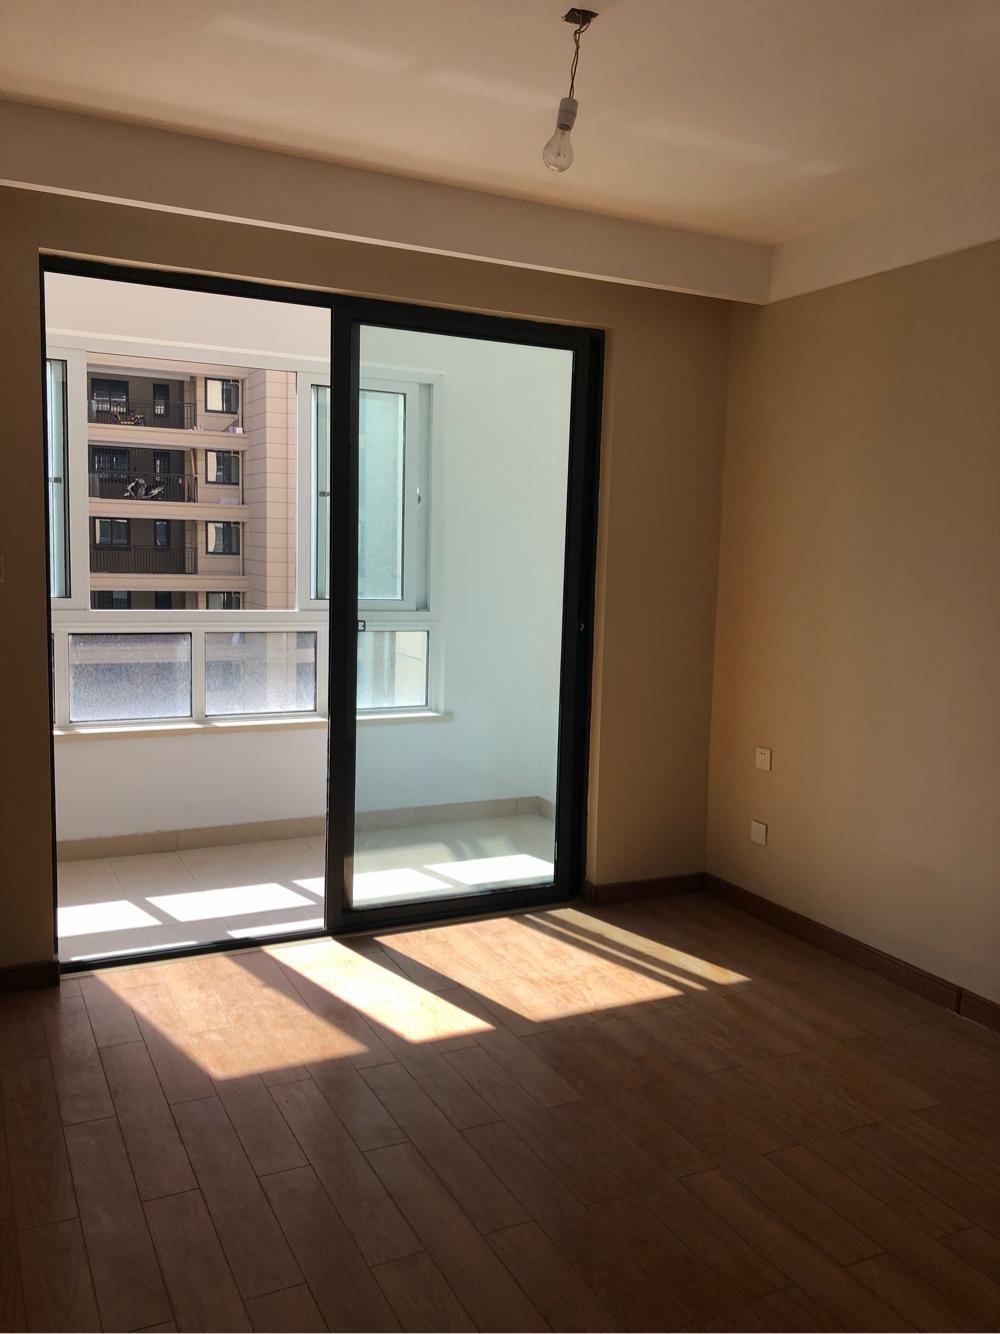 淮河新城五期新房出租房东不愿意租给住家的 想租给开公司作办公室用的 _6